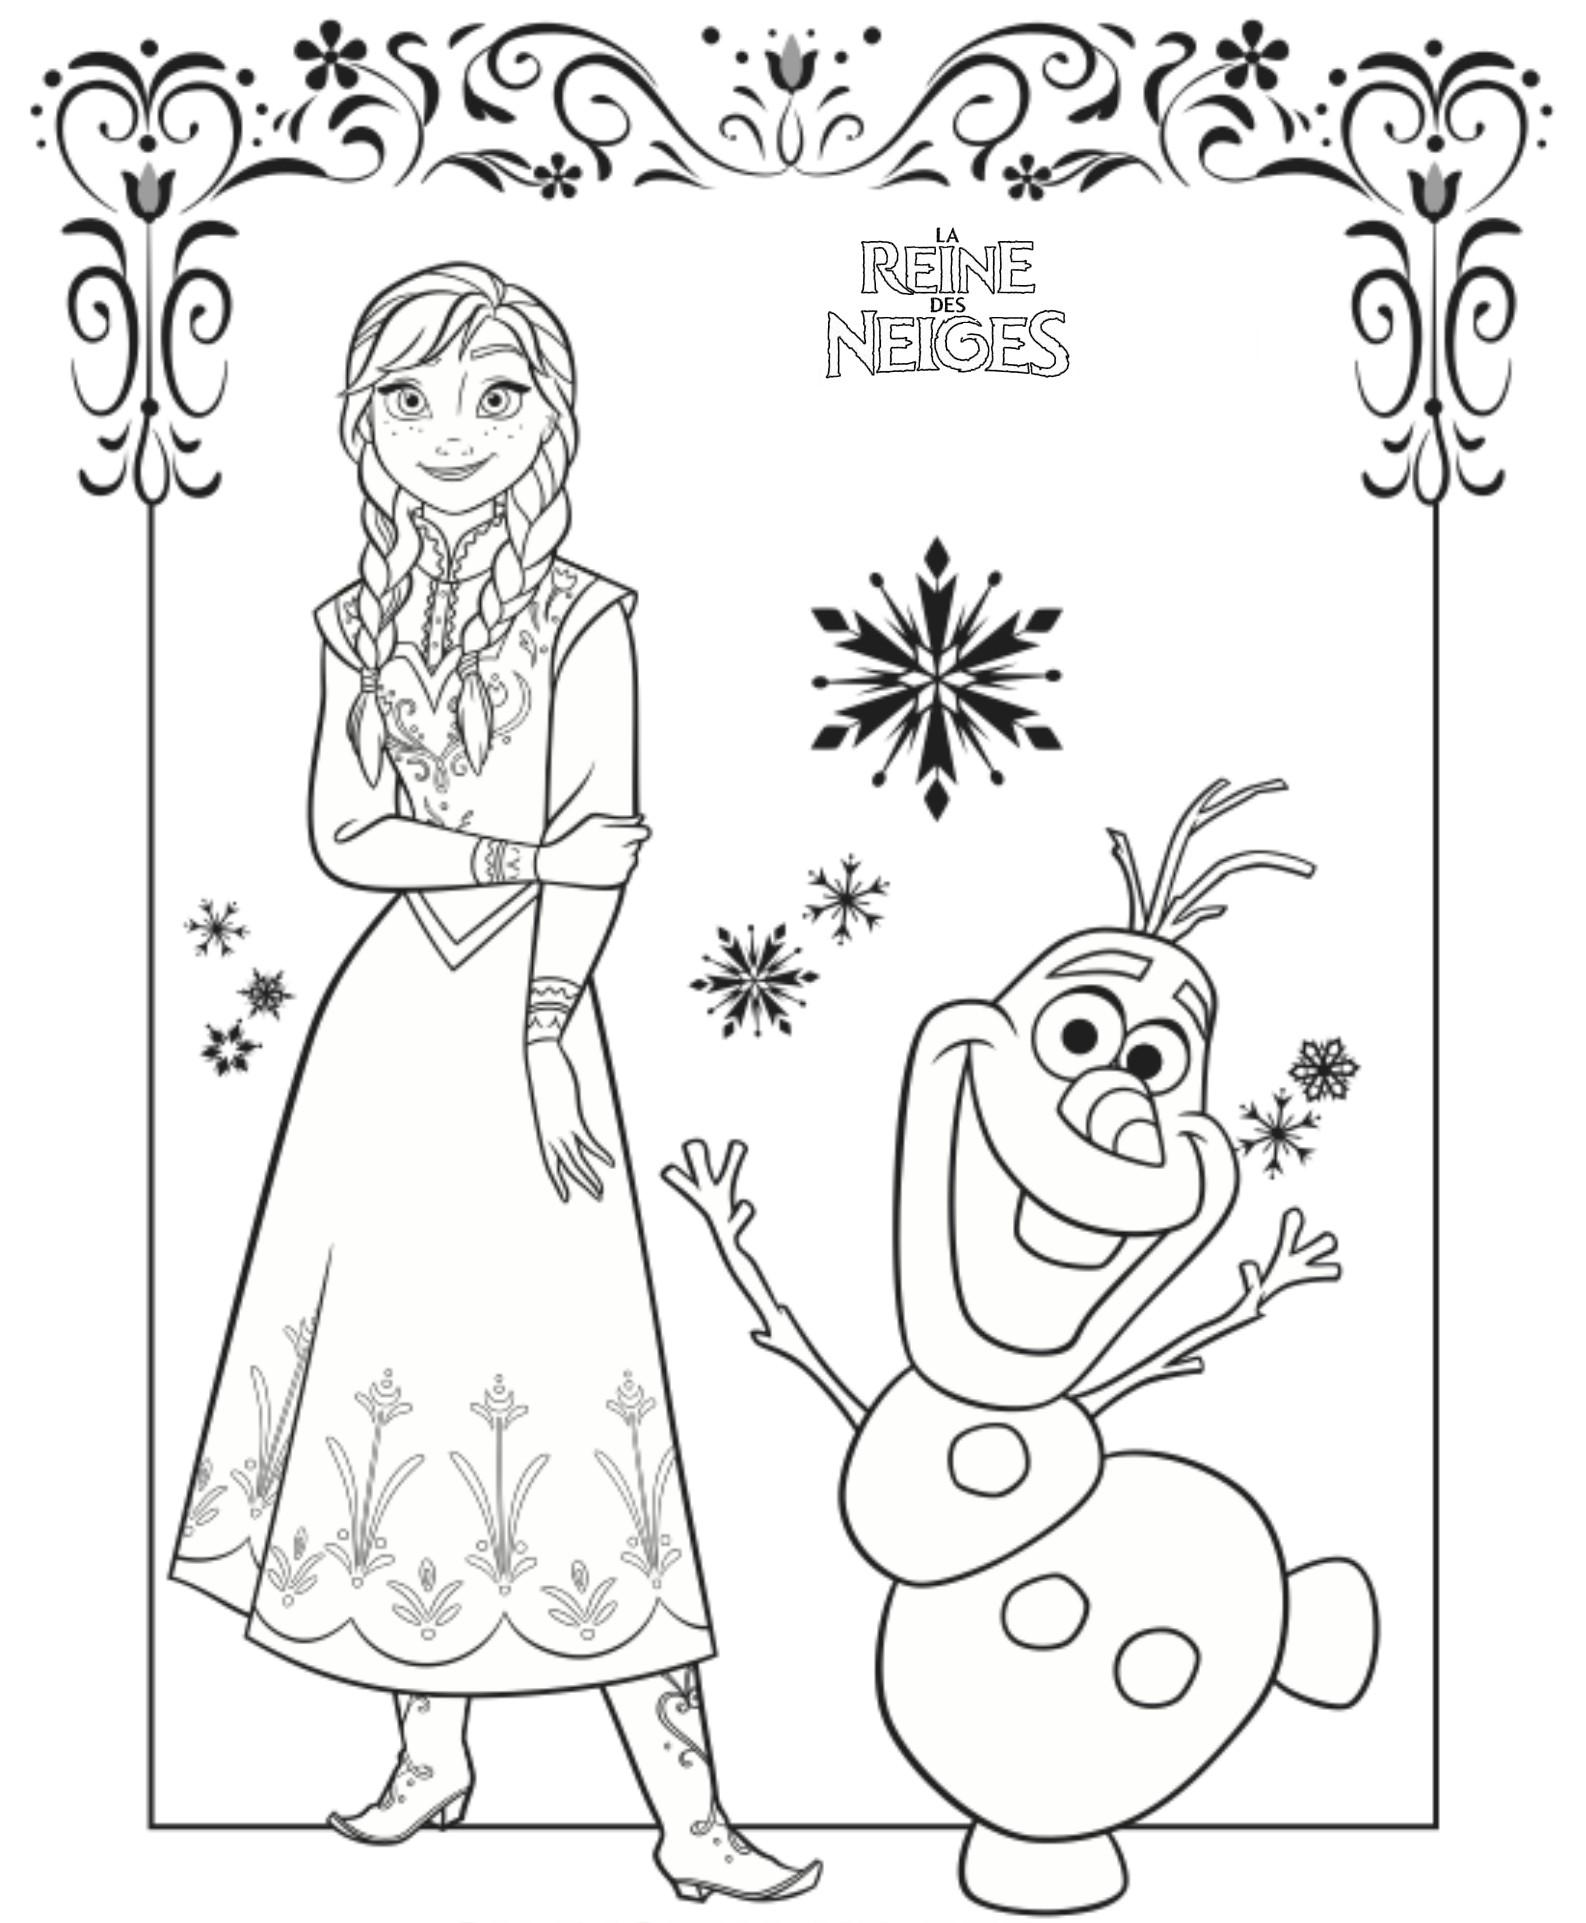 Coloriage A Imprimer Reine Des Neiges Anna Et Olaf Gratuit Et Colorier